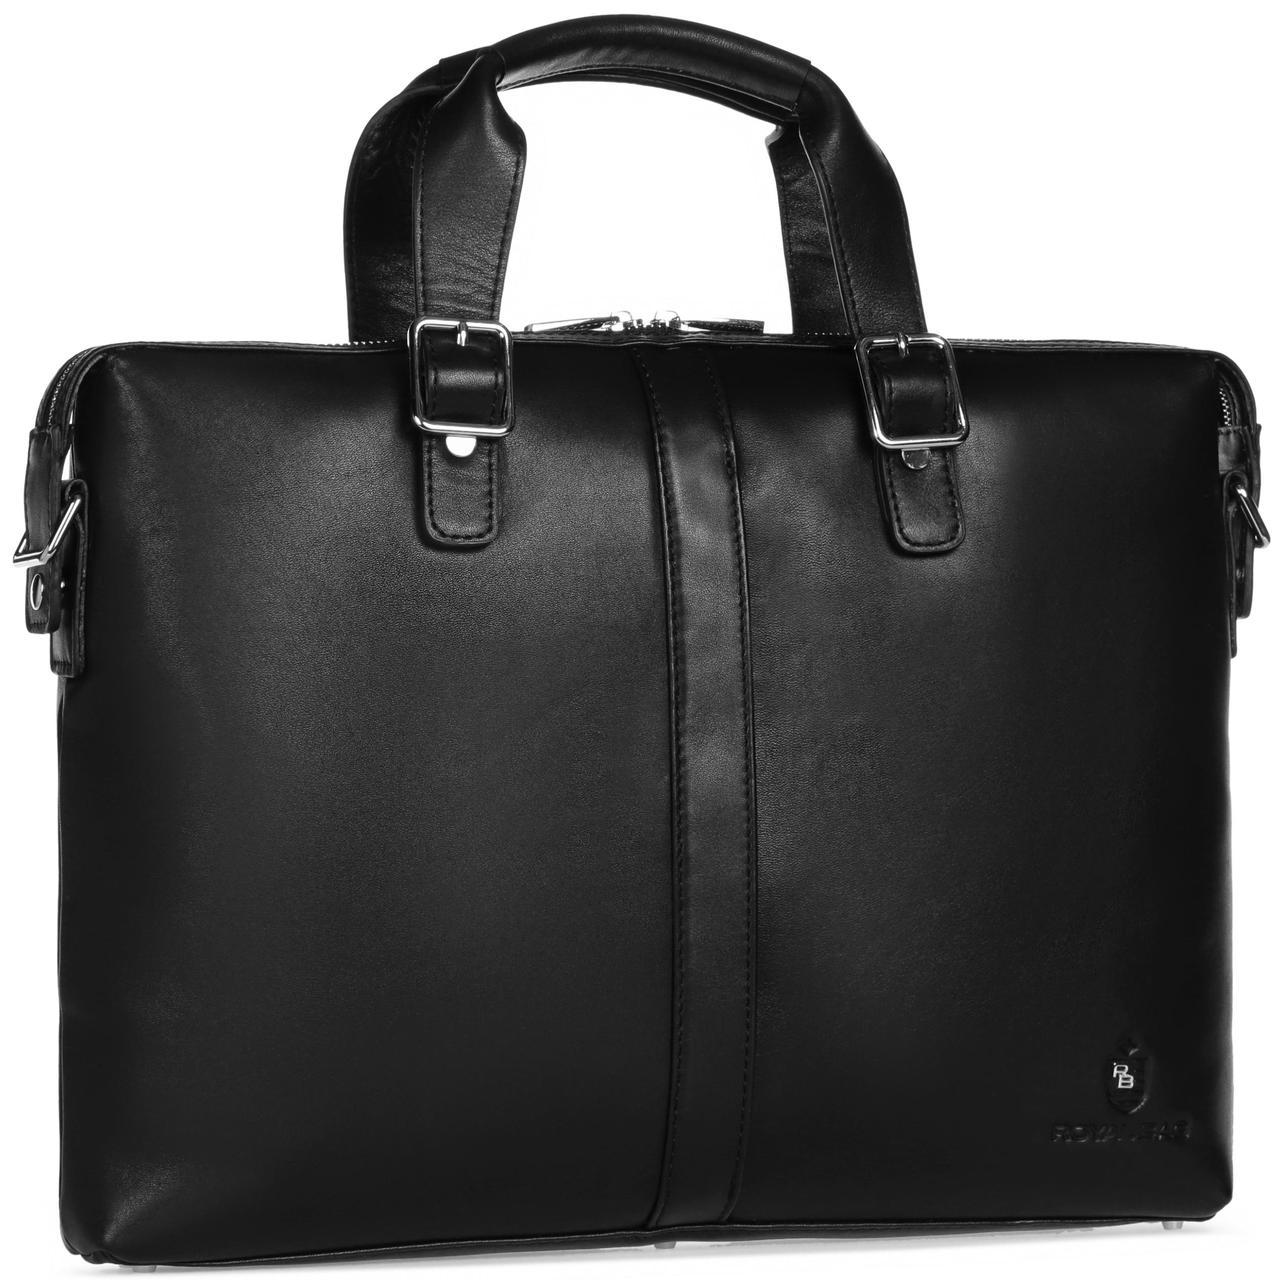 Деловая сумка из гладкой кожи для документов Royal Bag RB004A